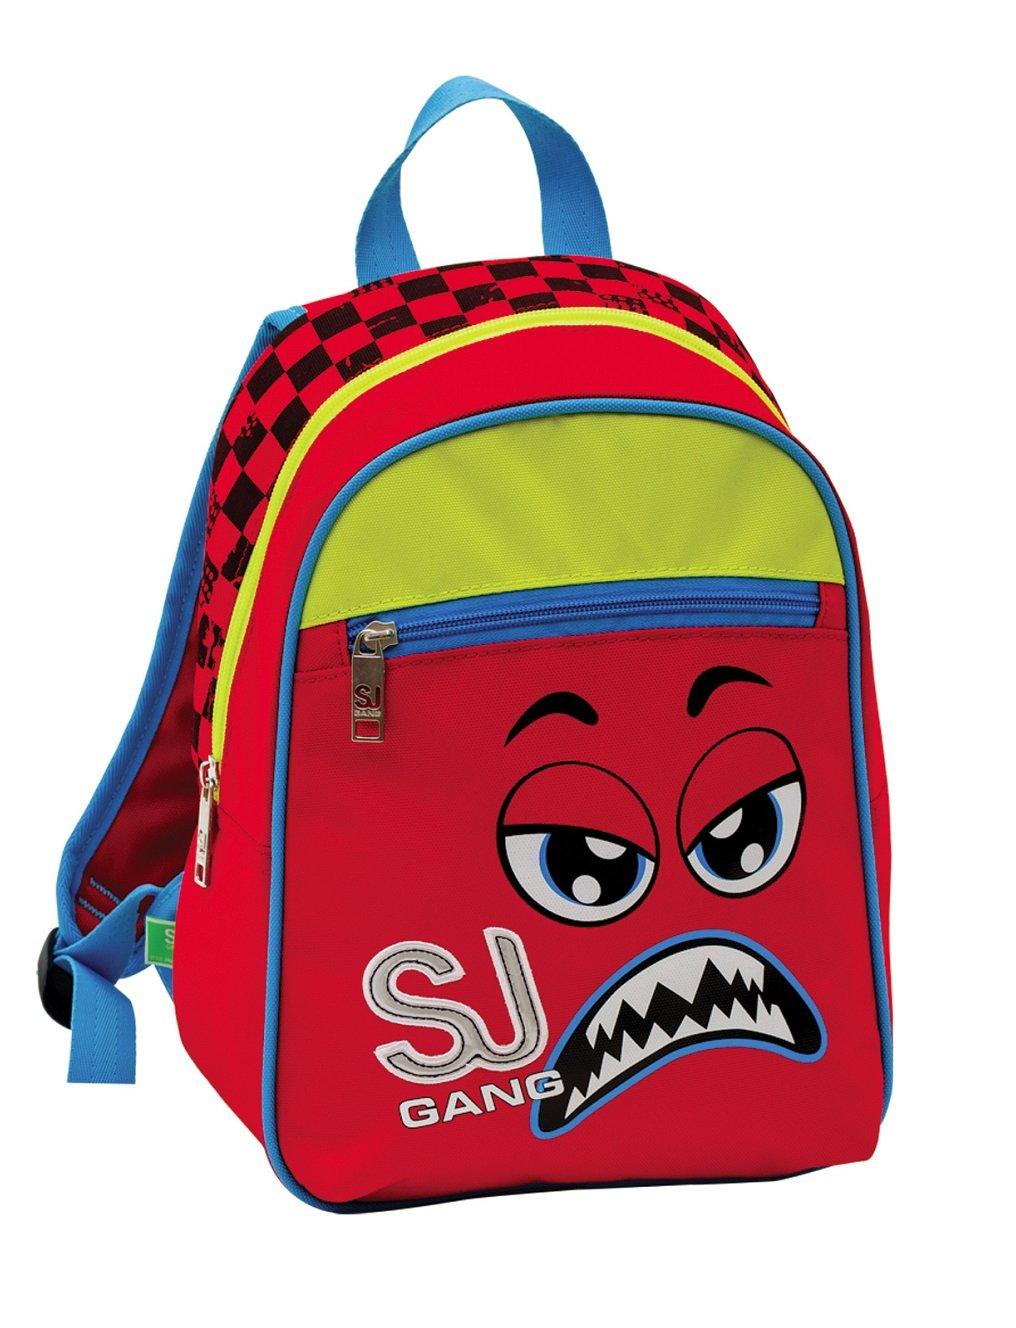 SmallバックパックSeven – SJ面 – レッドイエロー – 12リットル学校   B01F3ZDLQQ